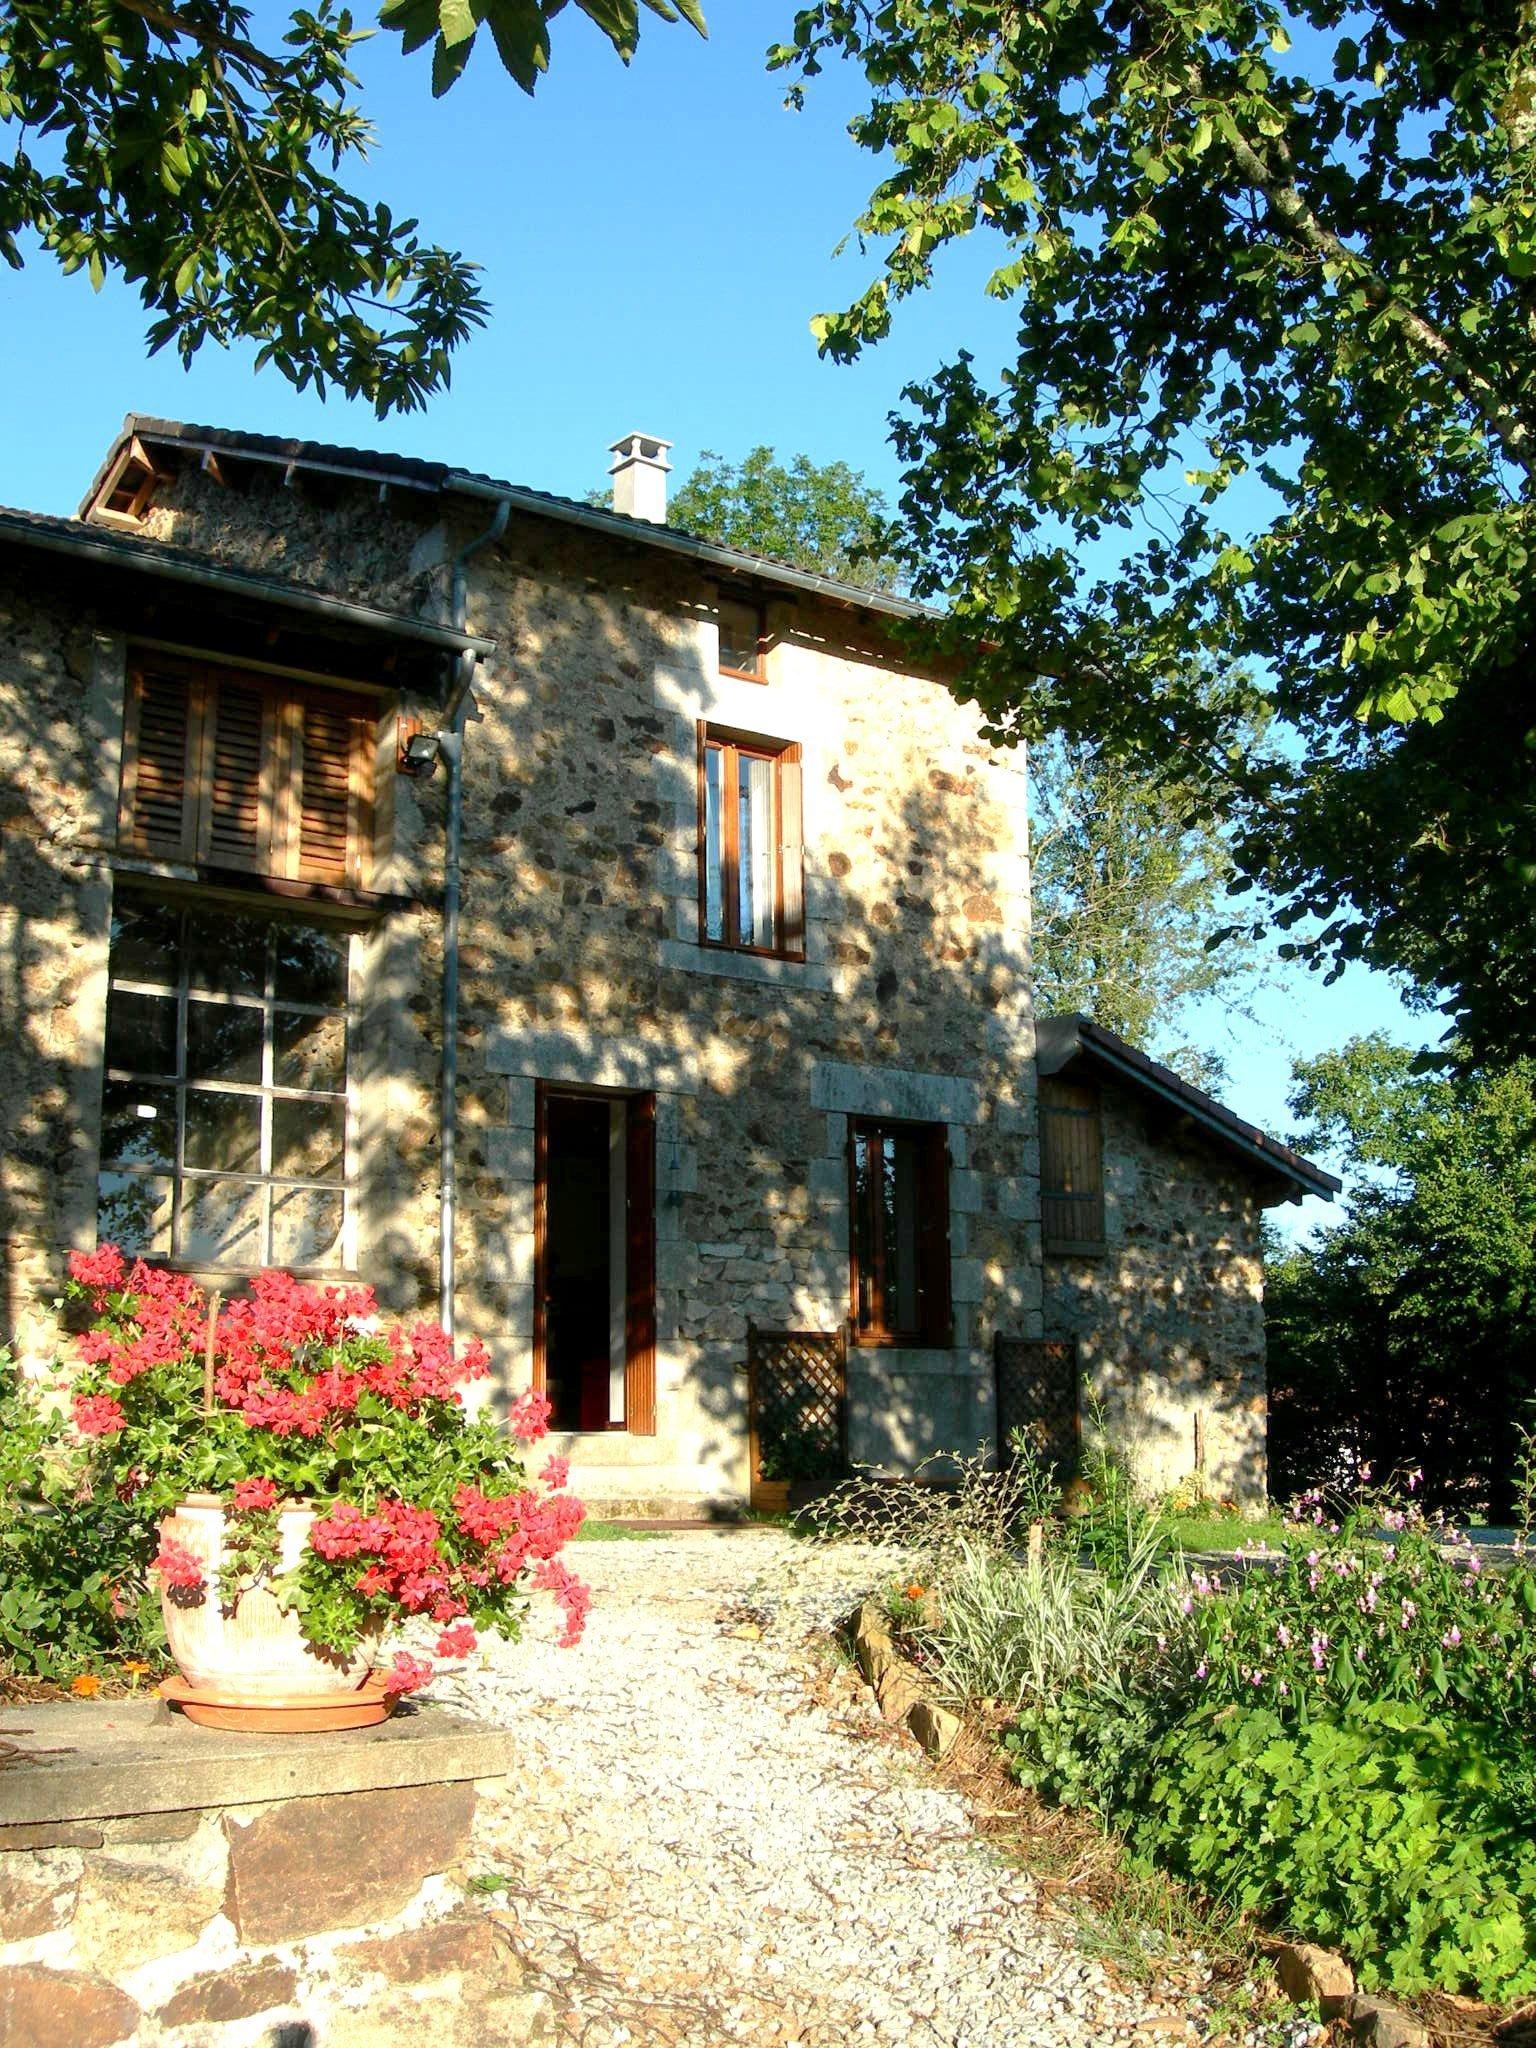 Location de gite en Limousin près de Limoges en Haute-Vienne